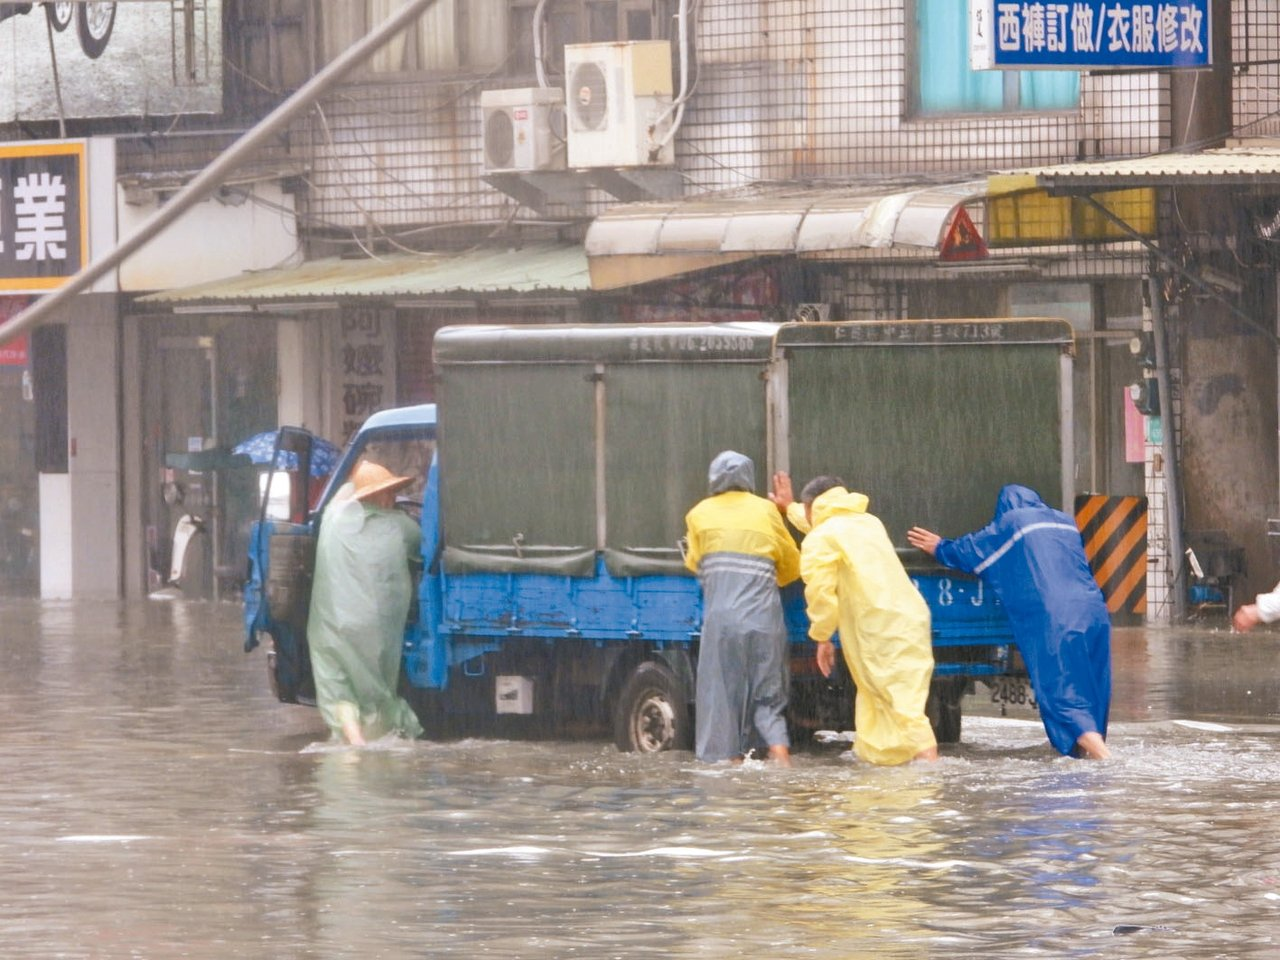 台南豪雨成災,許多汽機車輛泡水,居民一早忙著將泡水車輛推離。 記者周宗禎/攝影